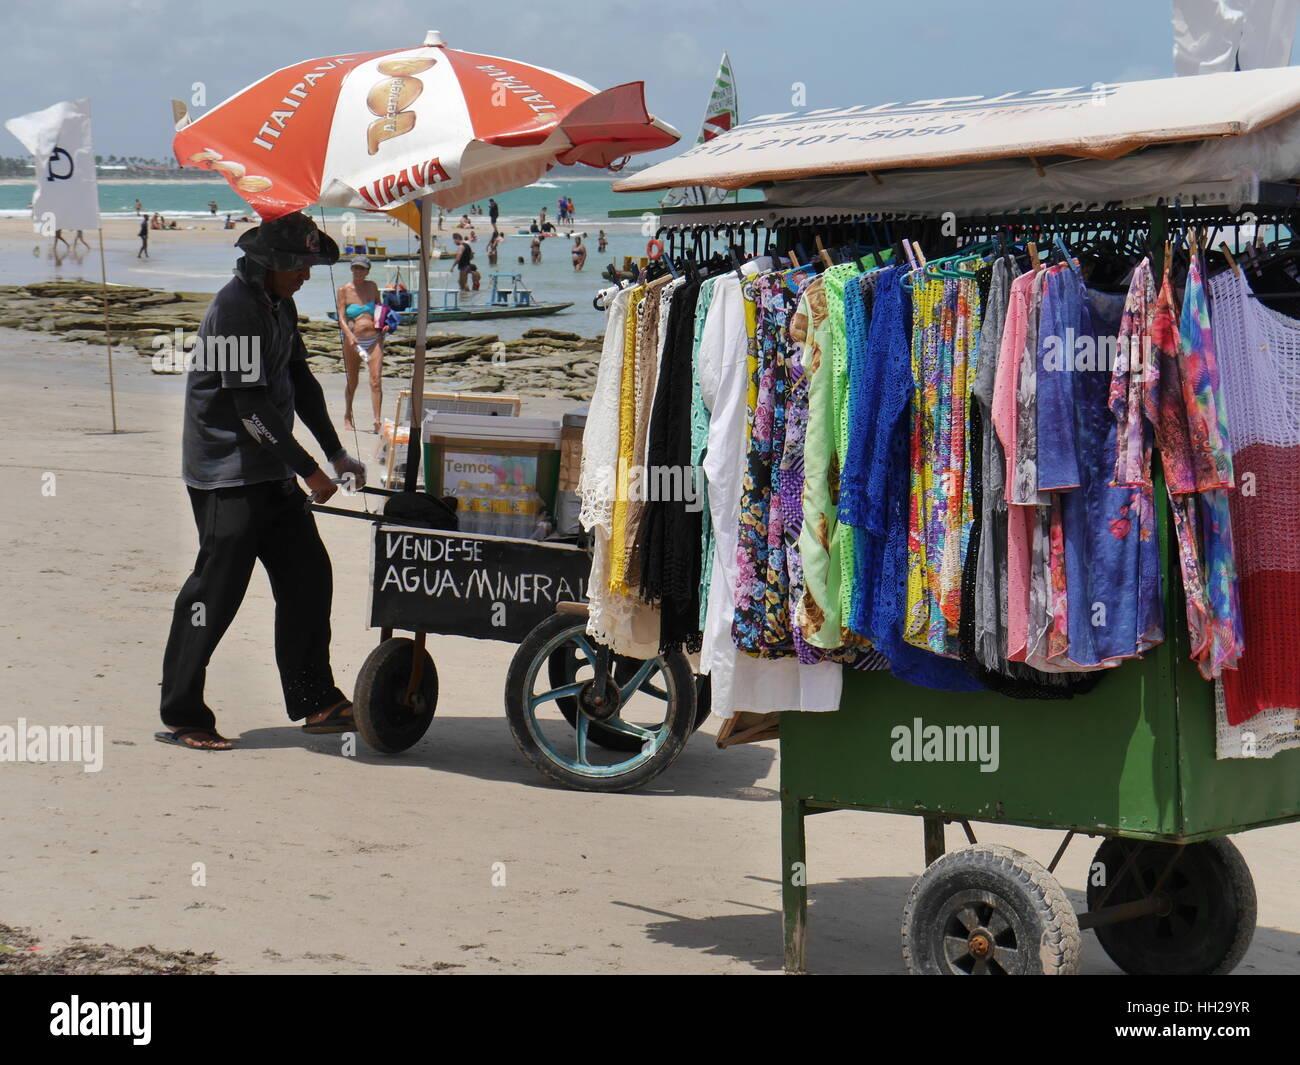 Beach vendors at Porto de Galinhas - Stock Image